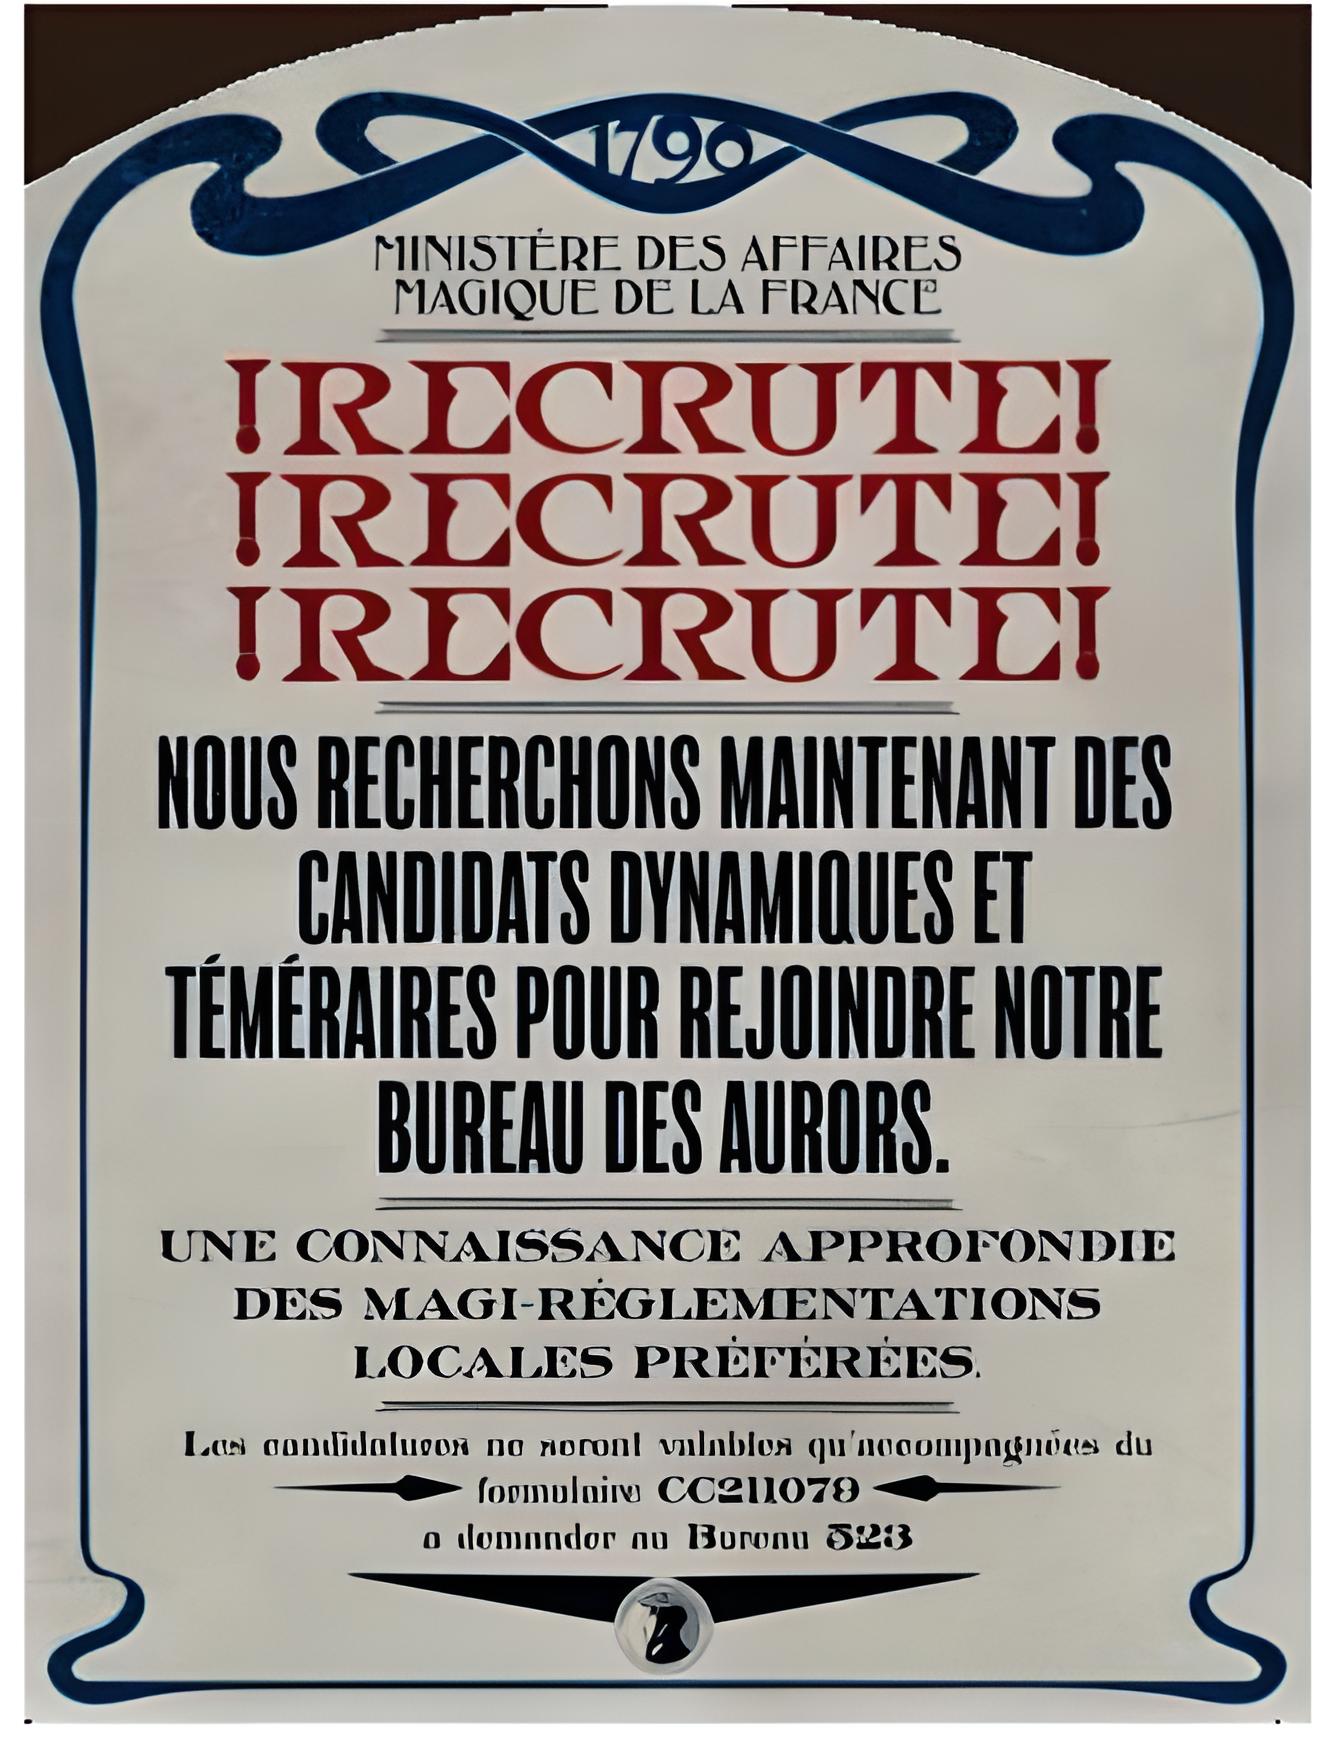 Bureau des Aurors